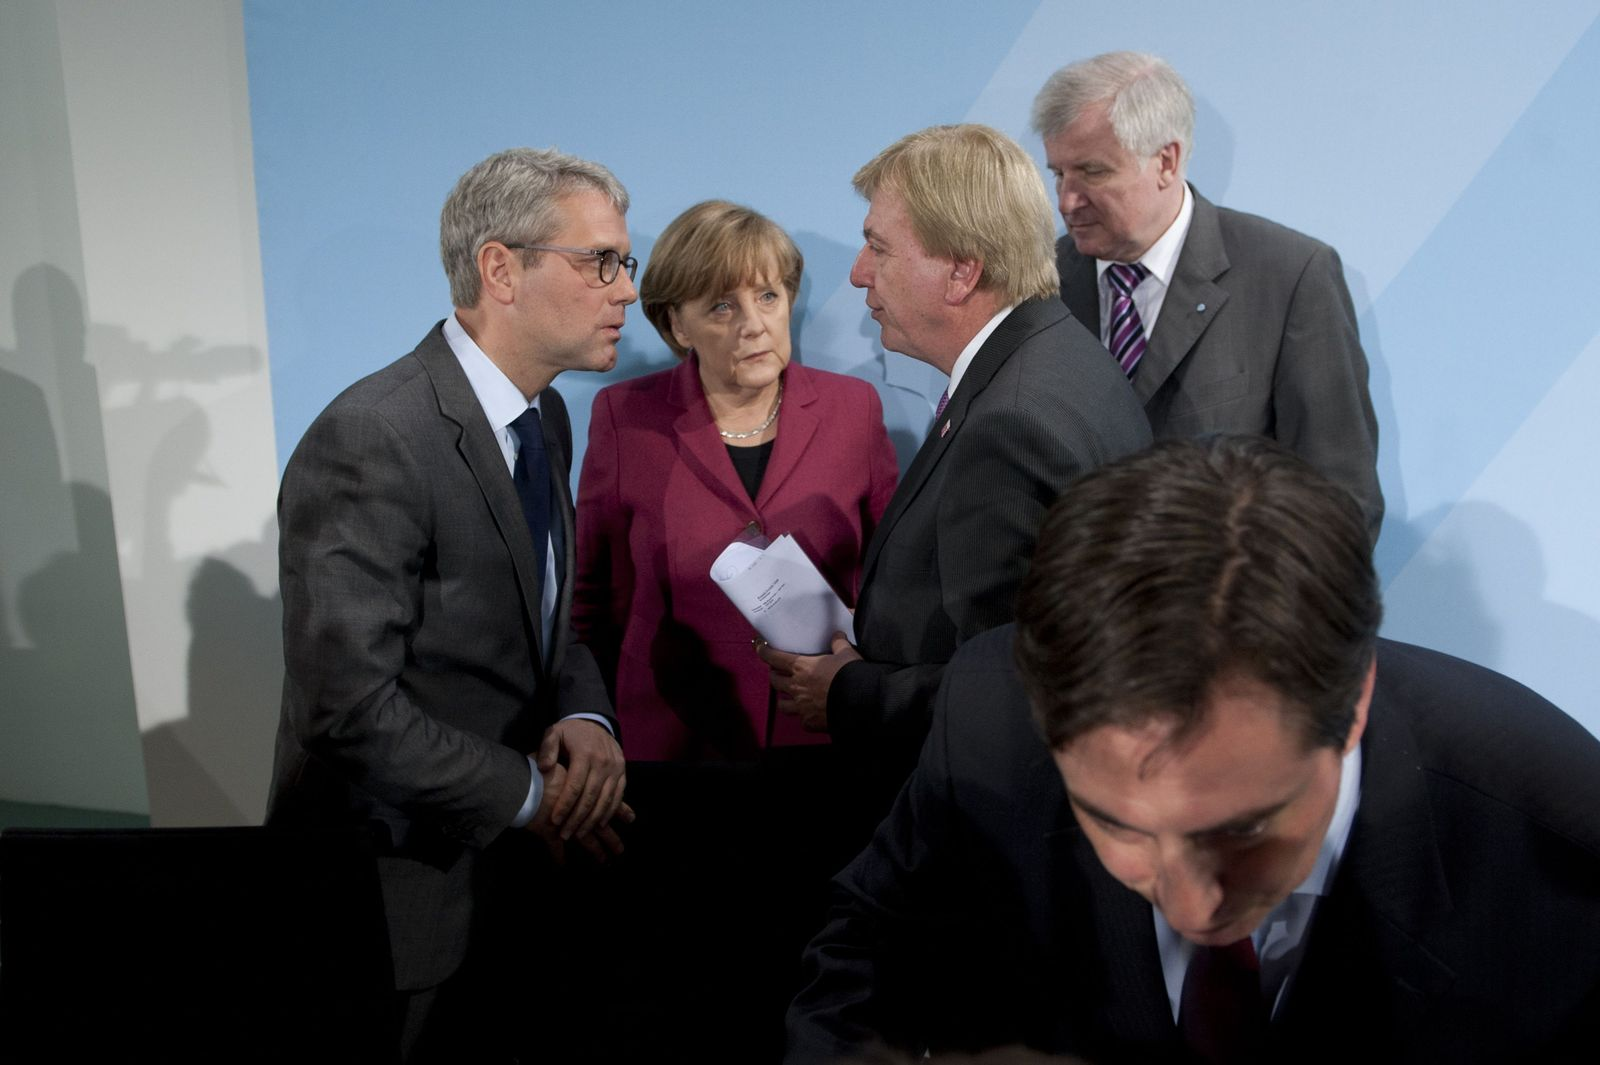 Merkel / Bouffier / Röttgen / Seehofer